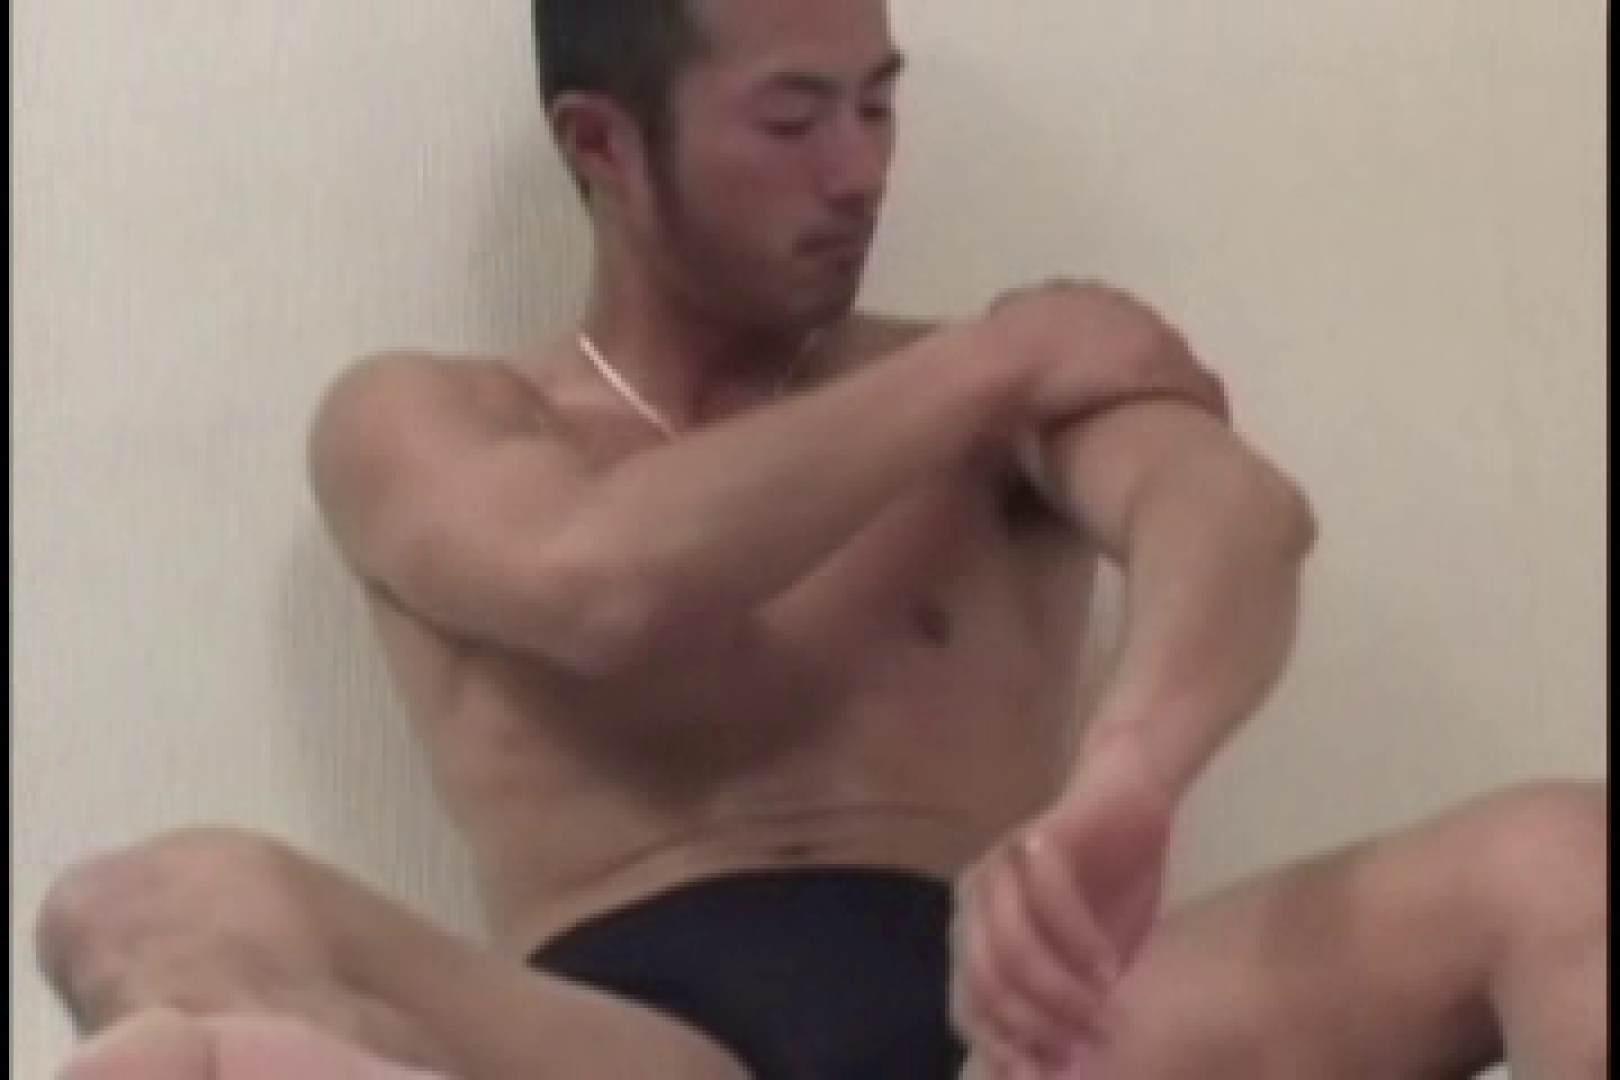 スリ筋!!スポメンのDANKON最高!!take.04 射精天国 ゲイセックス画像 111pic 6